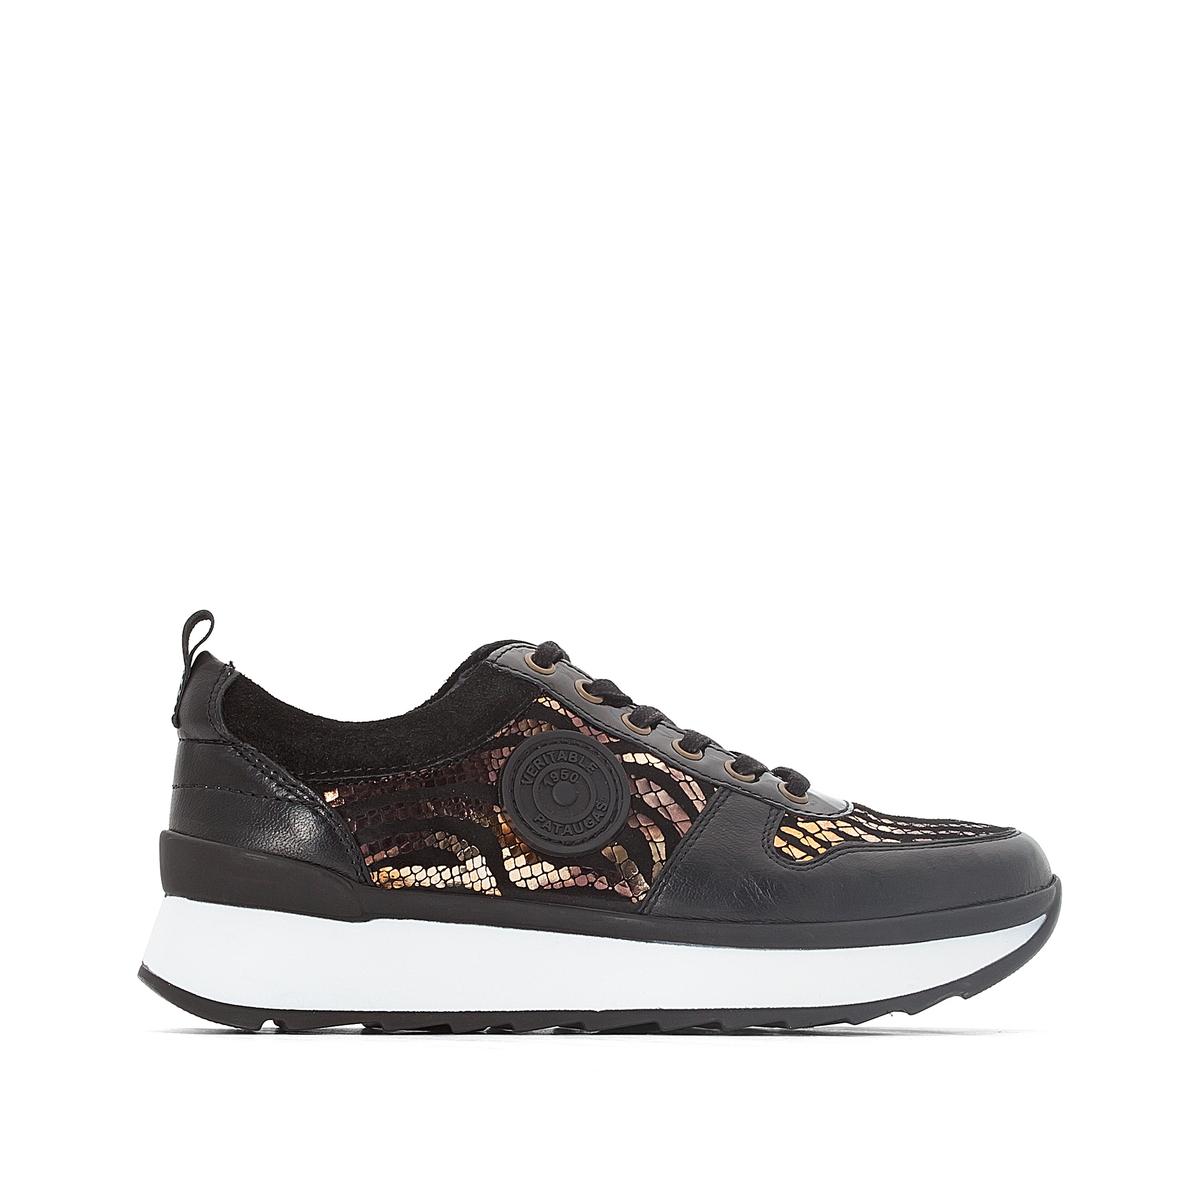 Кеды кожаные OceanДетали  •  Спортивный стиль •  Плоский каблук •  Высота каблука : 0 см •  Застежка : шнуровка.Состав и уход  •  Верх 100% козья кожа •  Подкладка 100% кожа •  Стелька 100% кожа •  Подошва 100% каучук<br><br>Цвет: черный<br>Размер: 39.40